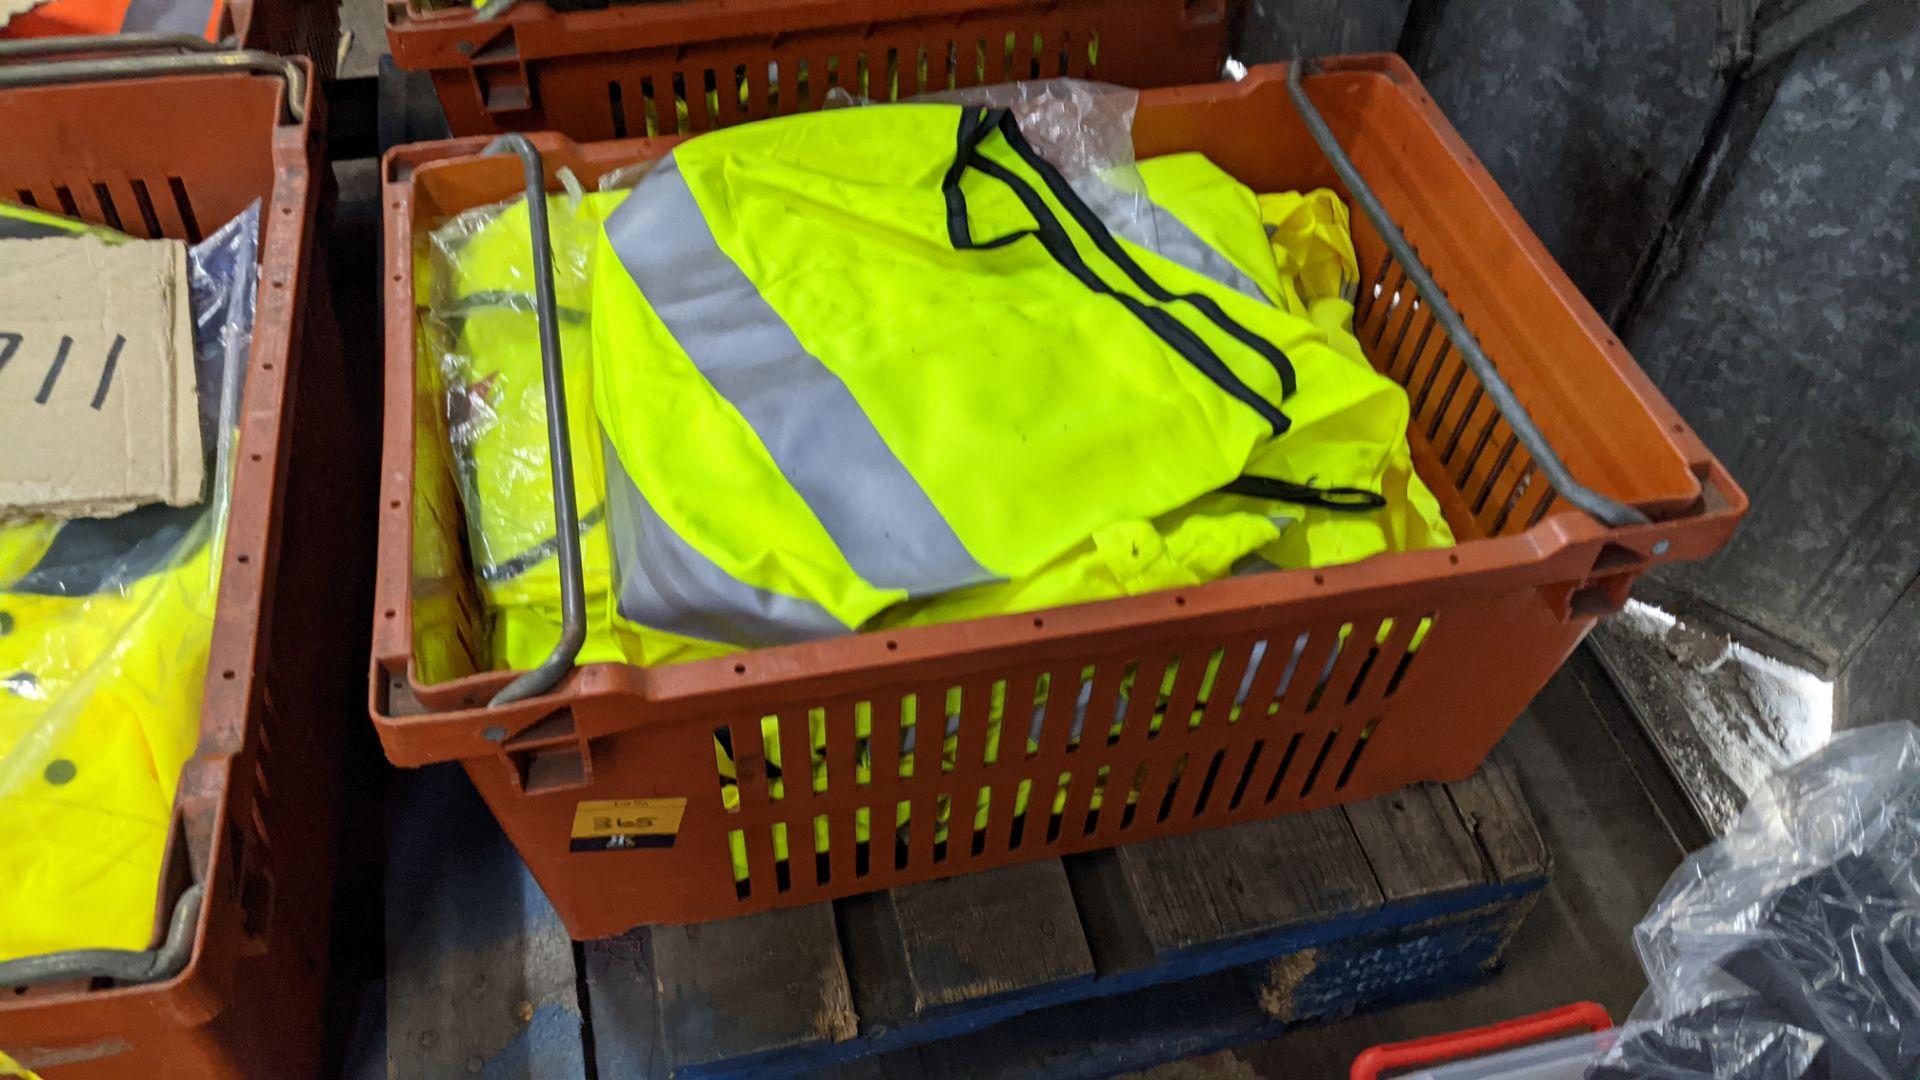 20 off yellow hi-vis vests - Image 2 of 5